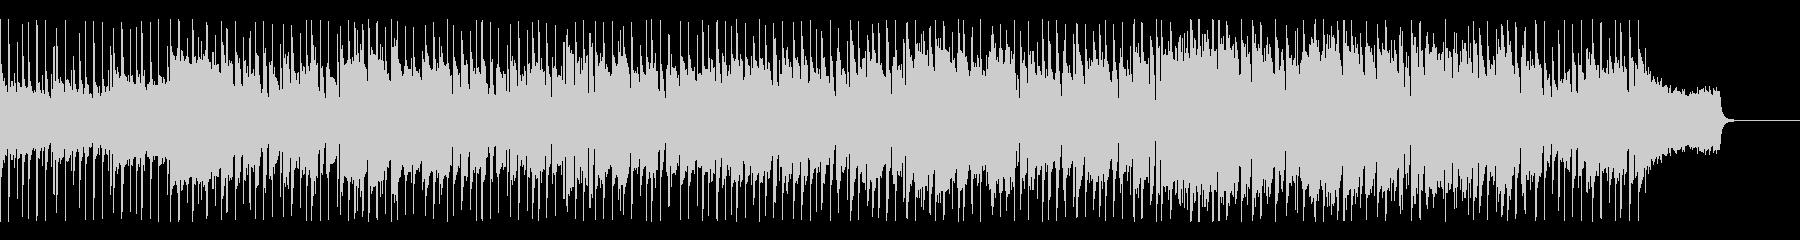 バグパイプとフィドルの爽やかなロックの未再生の波形